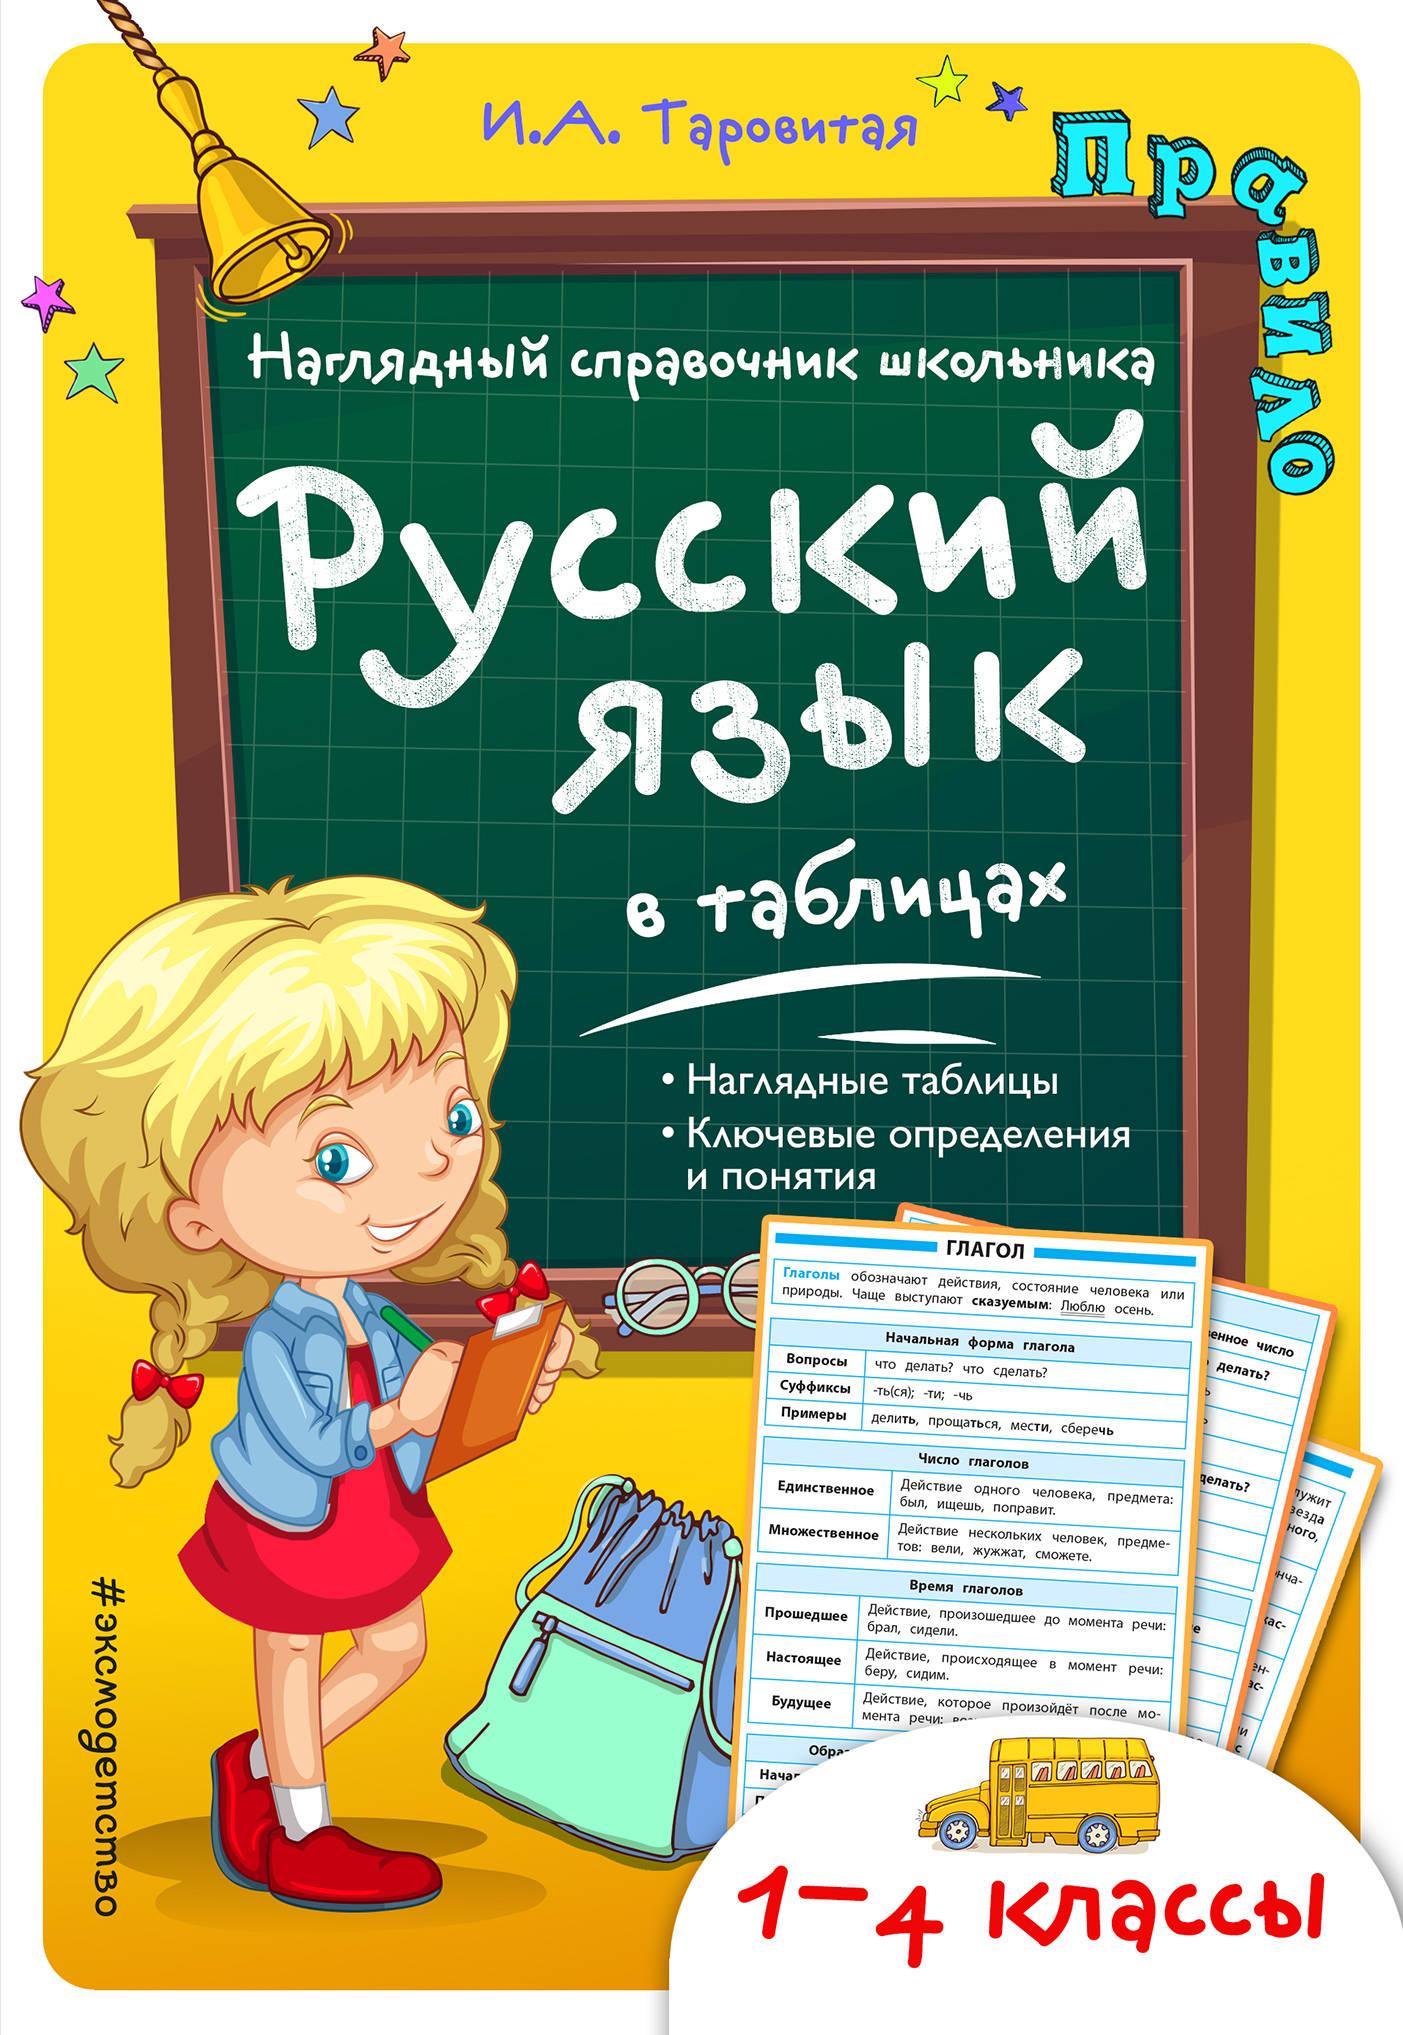 И. А. Таровитая Русский язык в таблицах